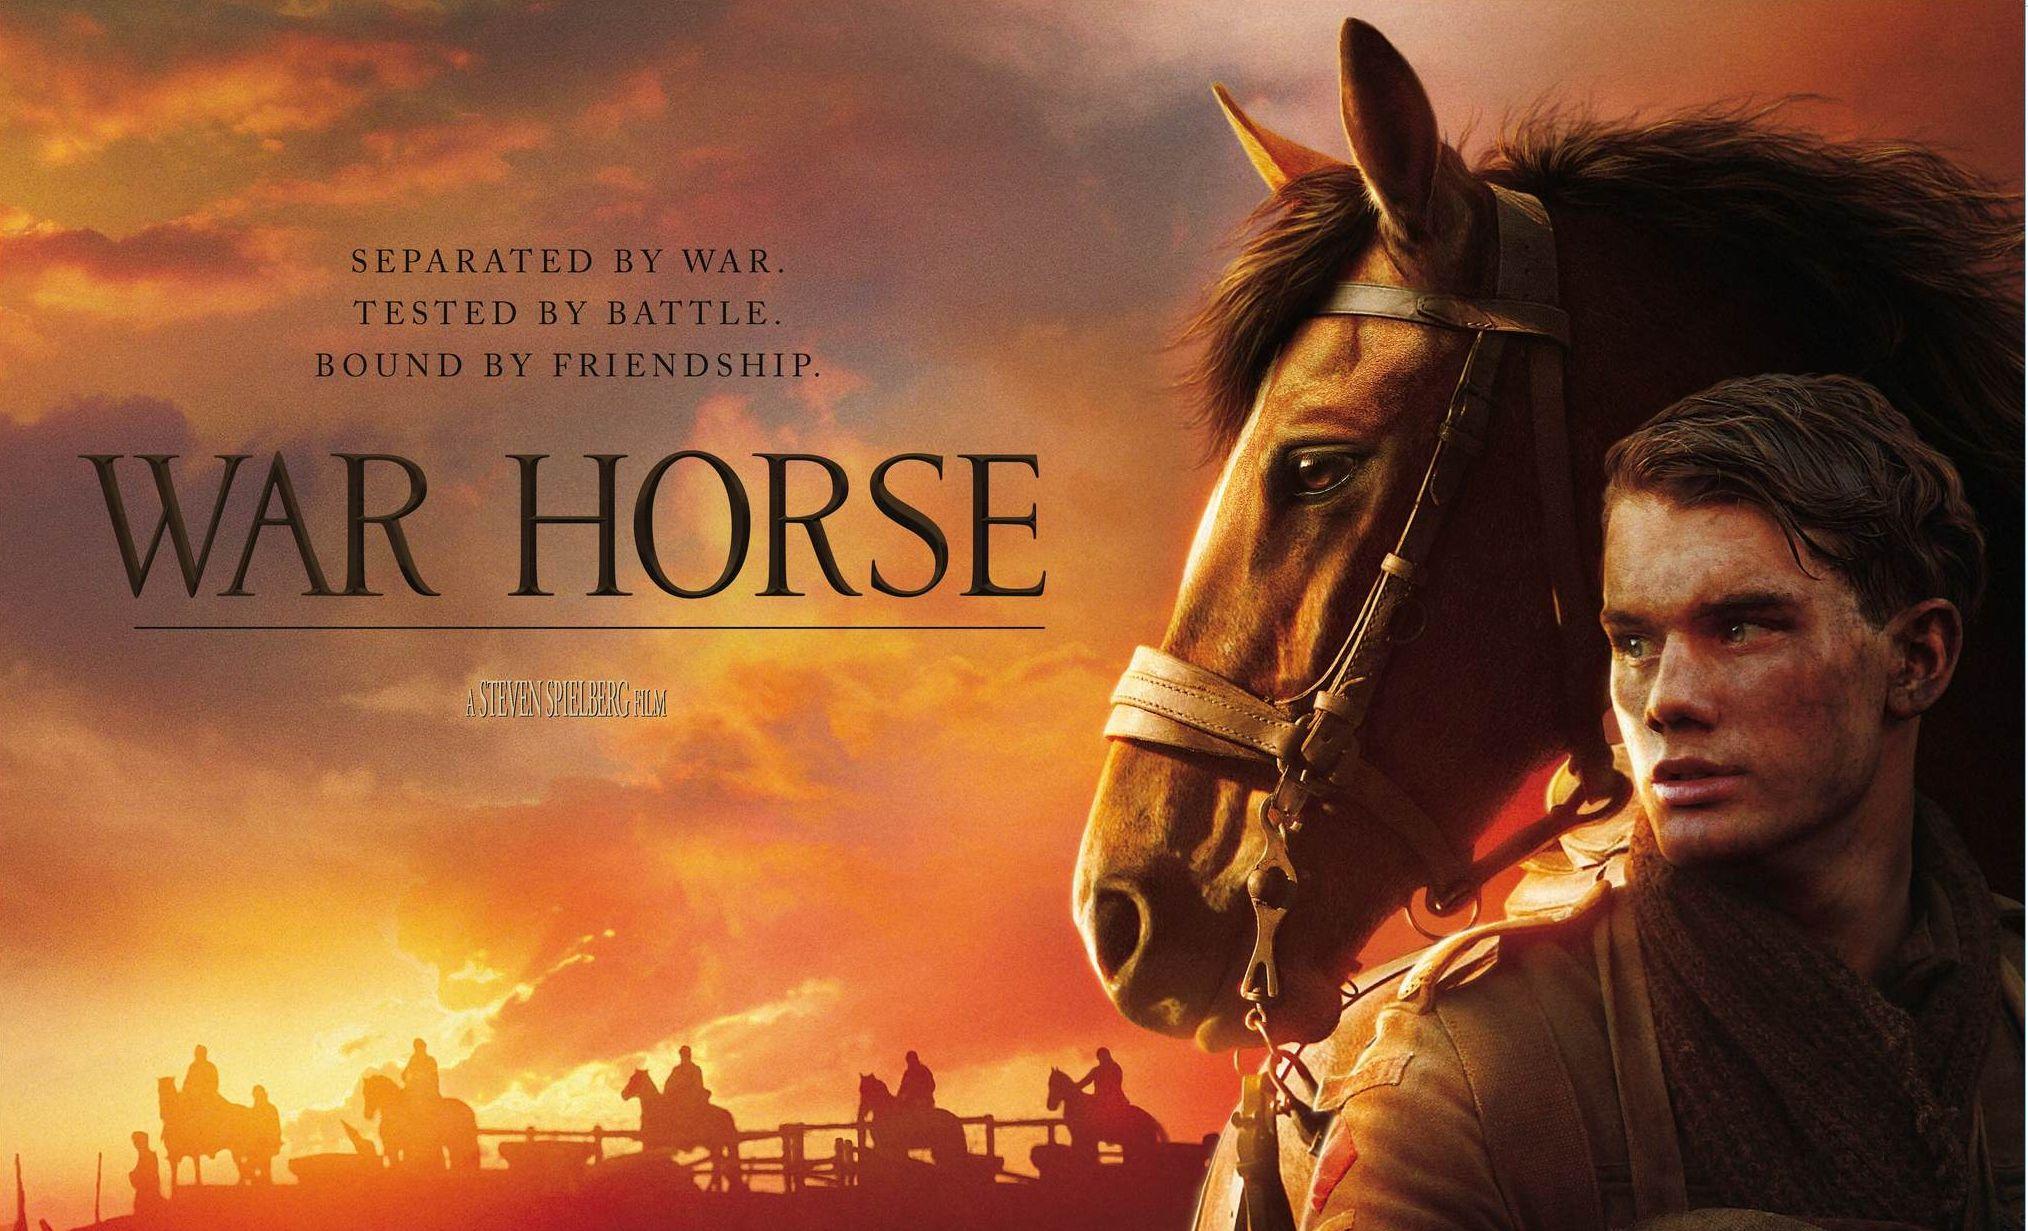 High Resolution Wallpaper | War Horse 2028x1231 px